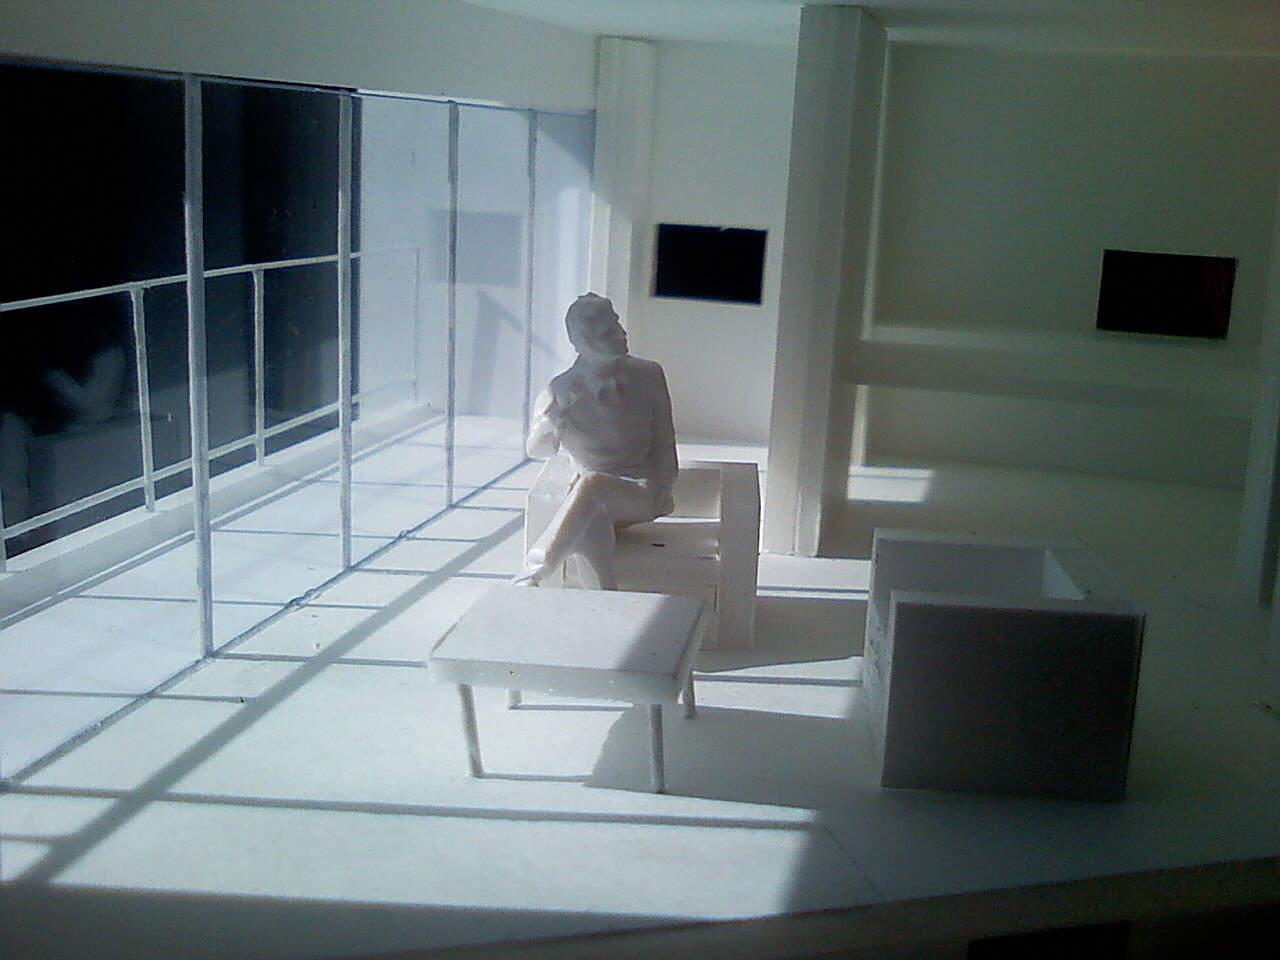 住宅展 Vol.1 「ちょっと気になる家づくり。お話しませんか?」_e0028417_1926197.jpg